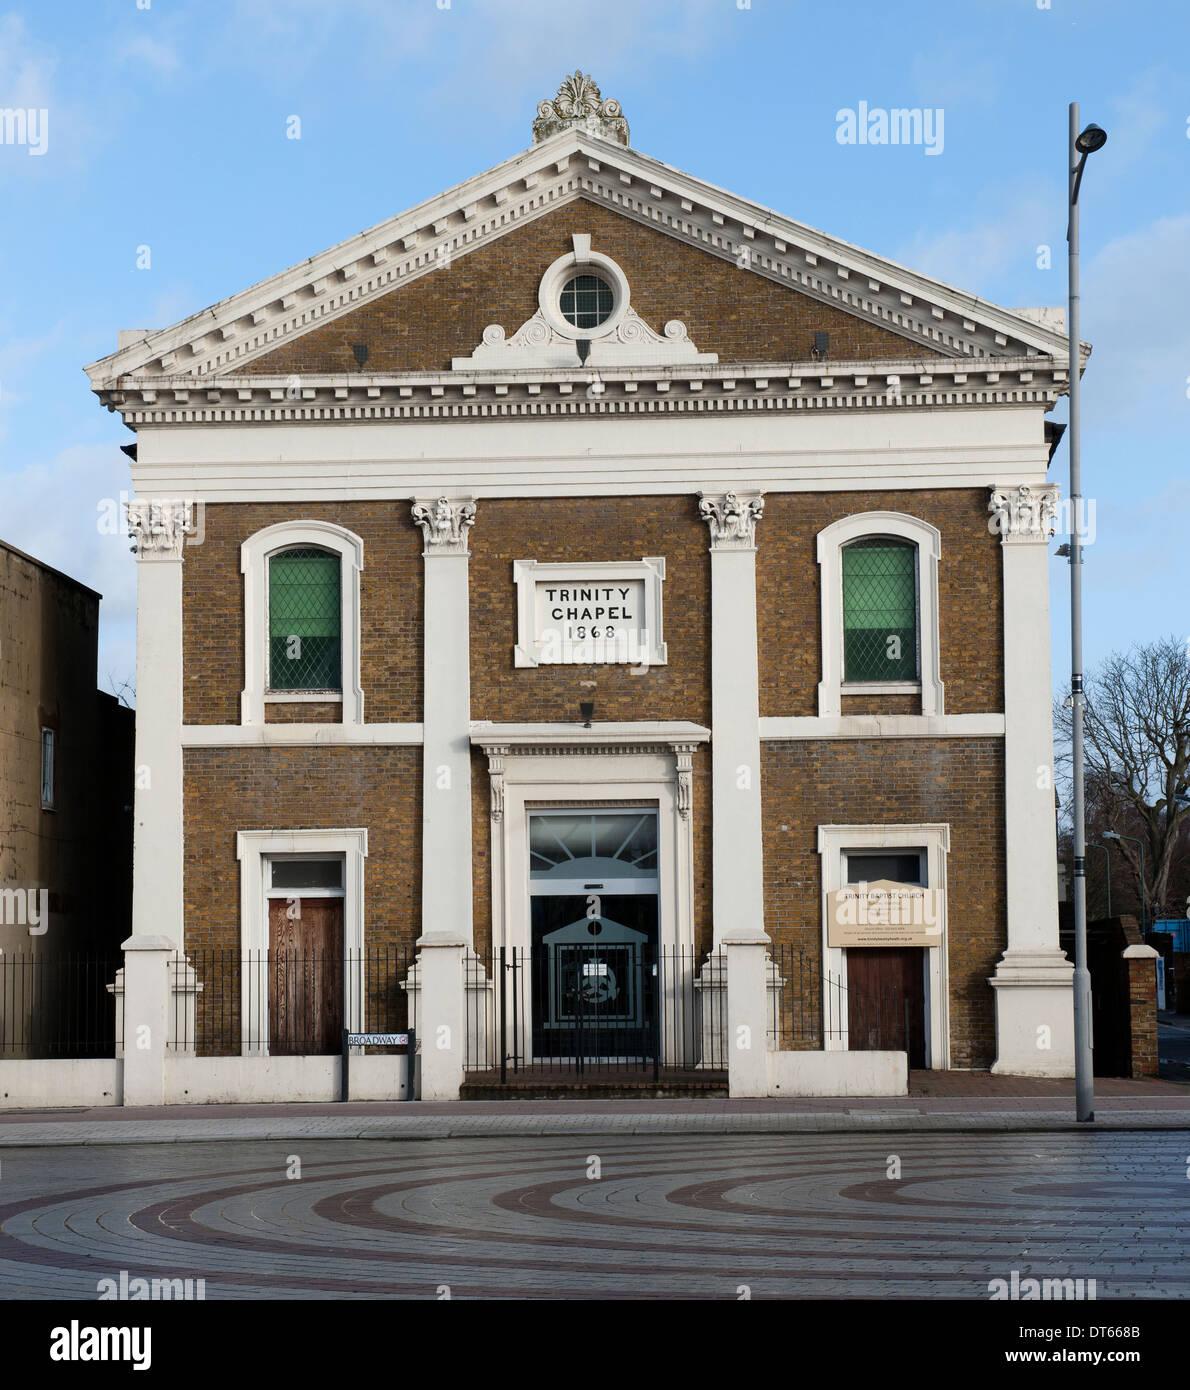 Trinità chiesa battista, Broadway, Bexeleyheath, nel sud est di Londra, Inghilterra, Regno Unito. Immagini Stock